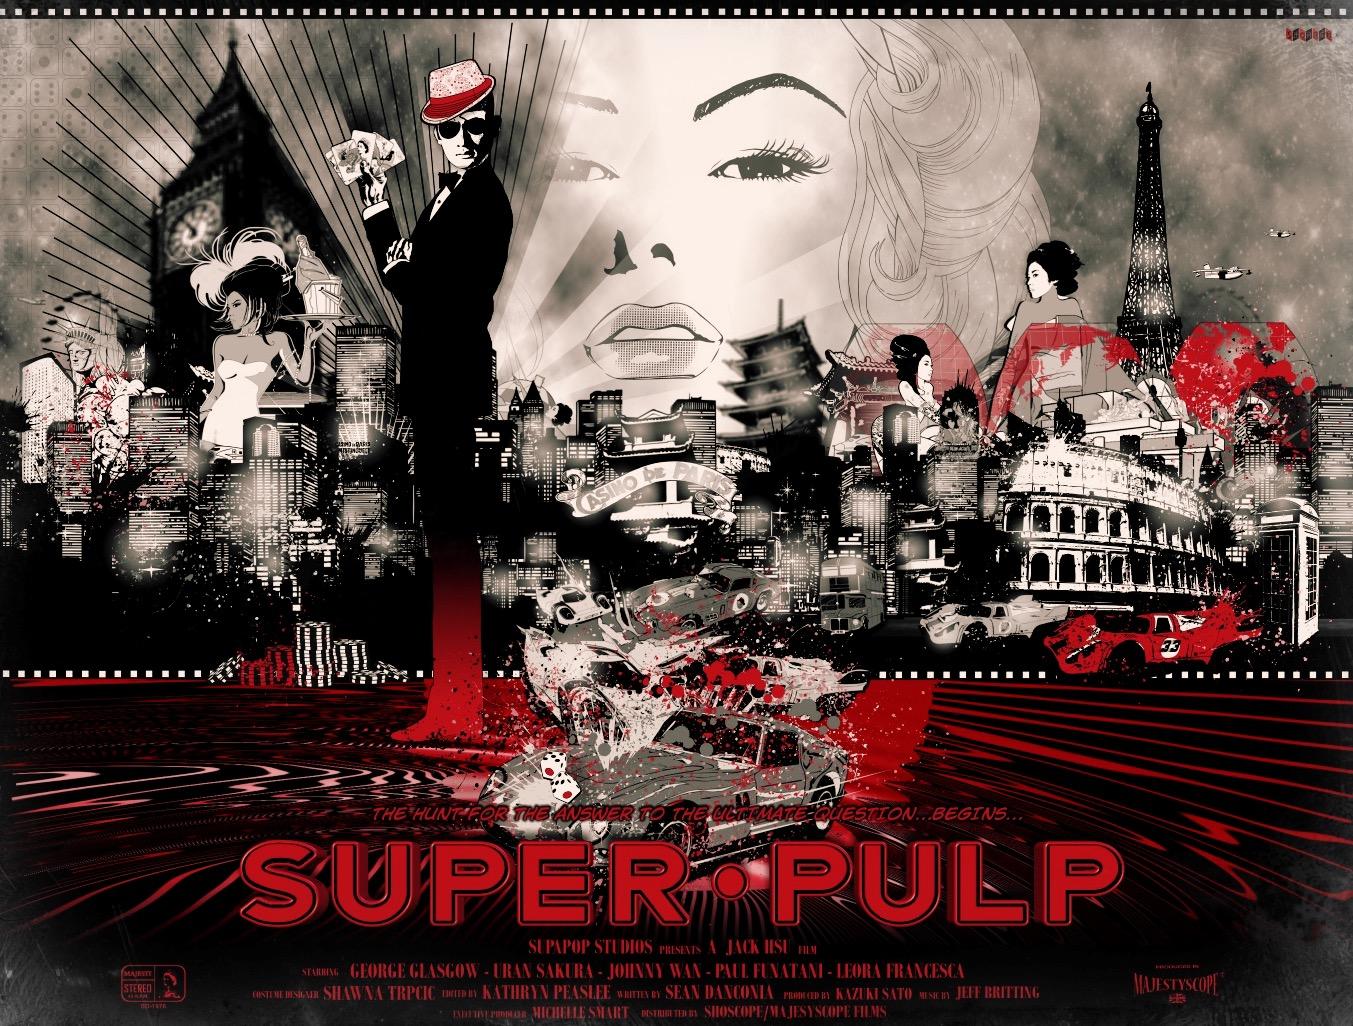 Super Pulp